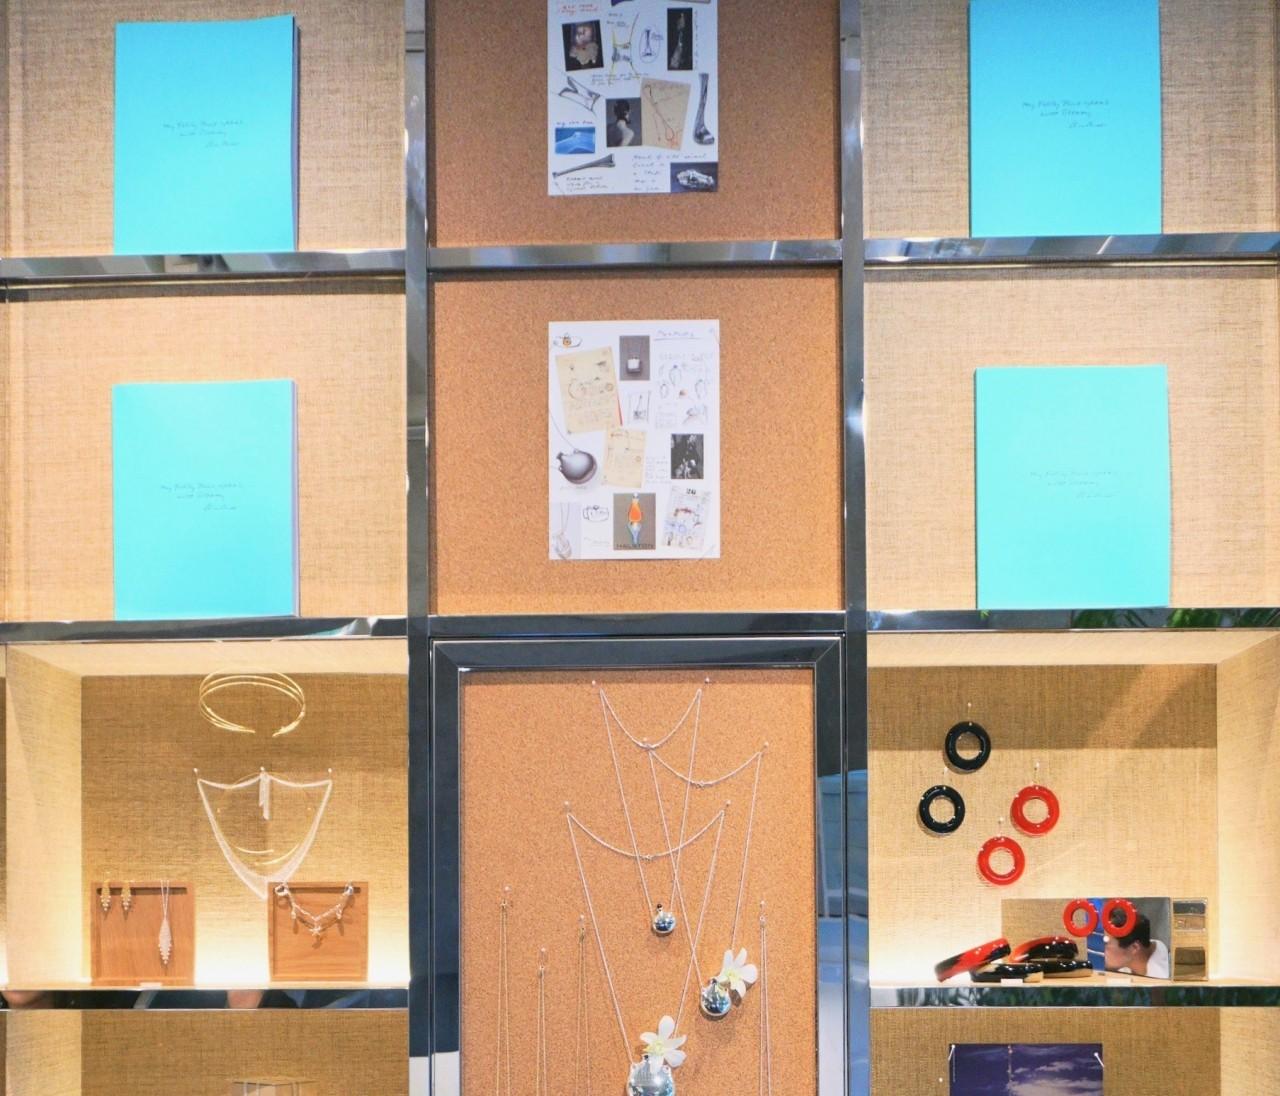 【ティファニー(Tiffany & Co.)】キャットストリート期間限定店に新作登場 | エルサ・ペレッティ&日本限定第2弾、絶品ソフトクリームも!